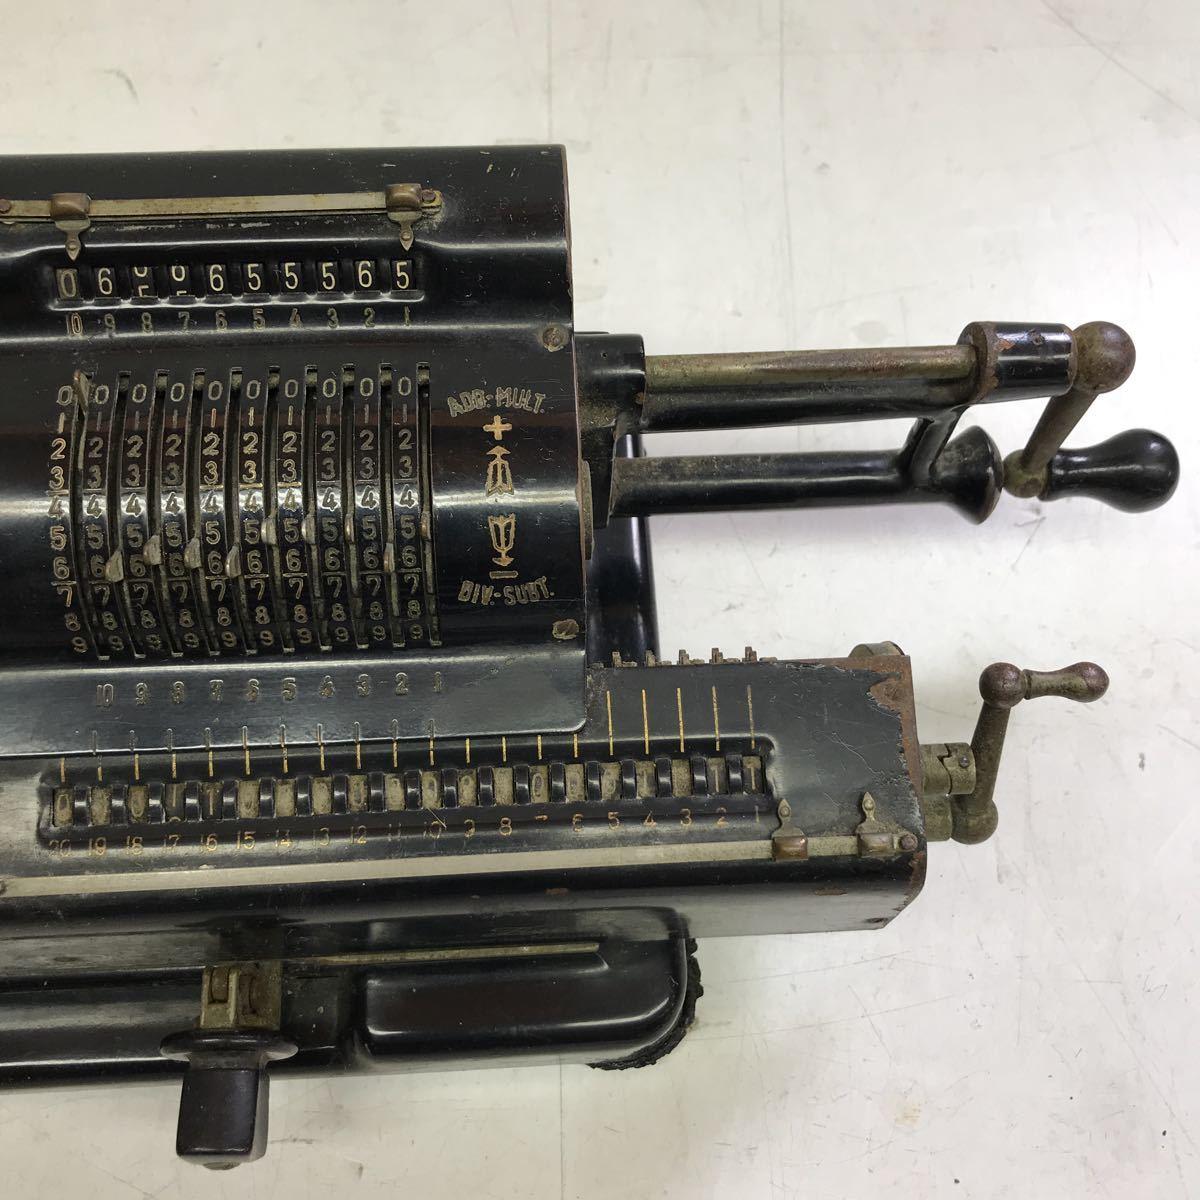 Tiger calculator タイガー計算機手回し 黒 ブラック 昭和レトロ タイガー 機械式計算機 アンティーク 手動式 _画像3